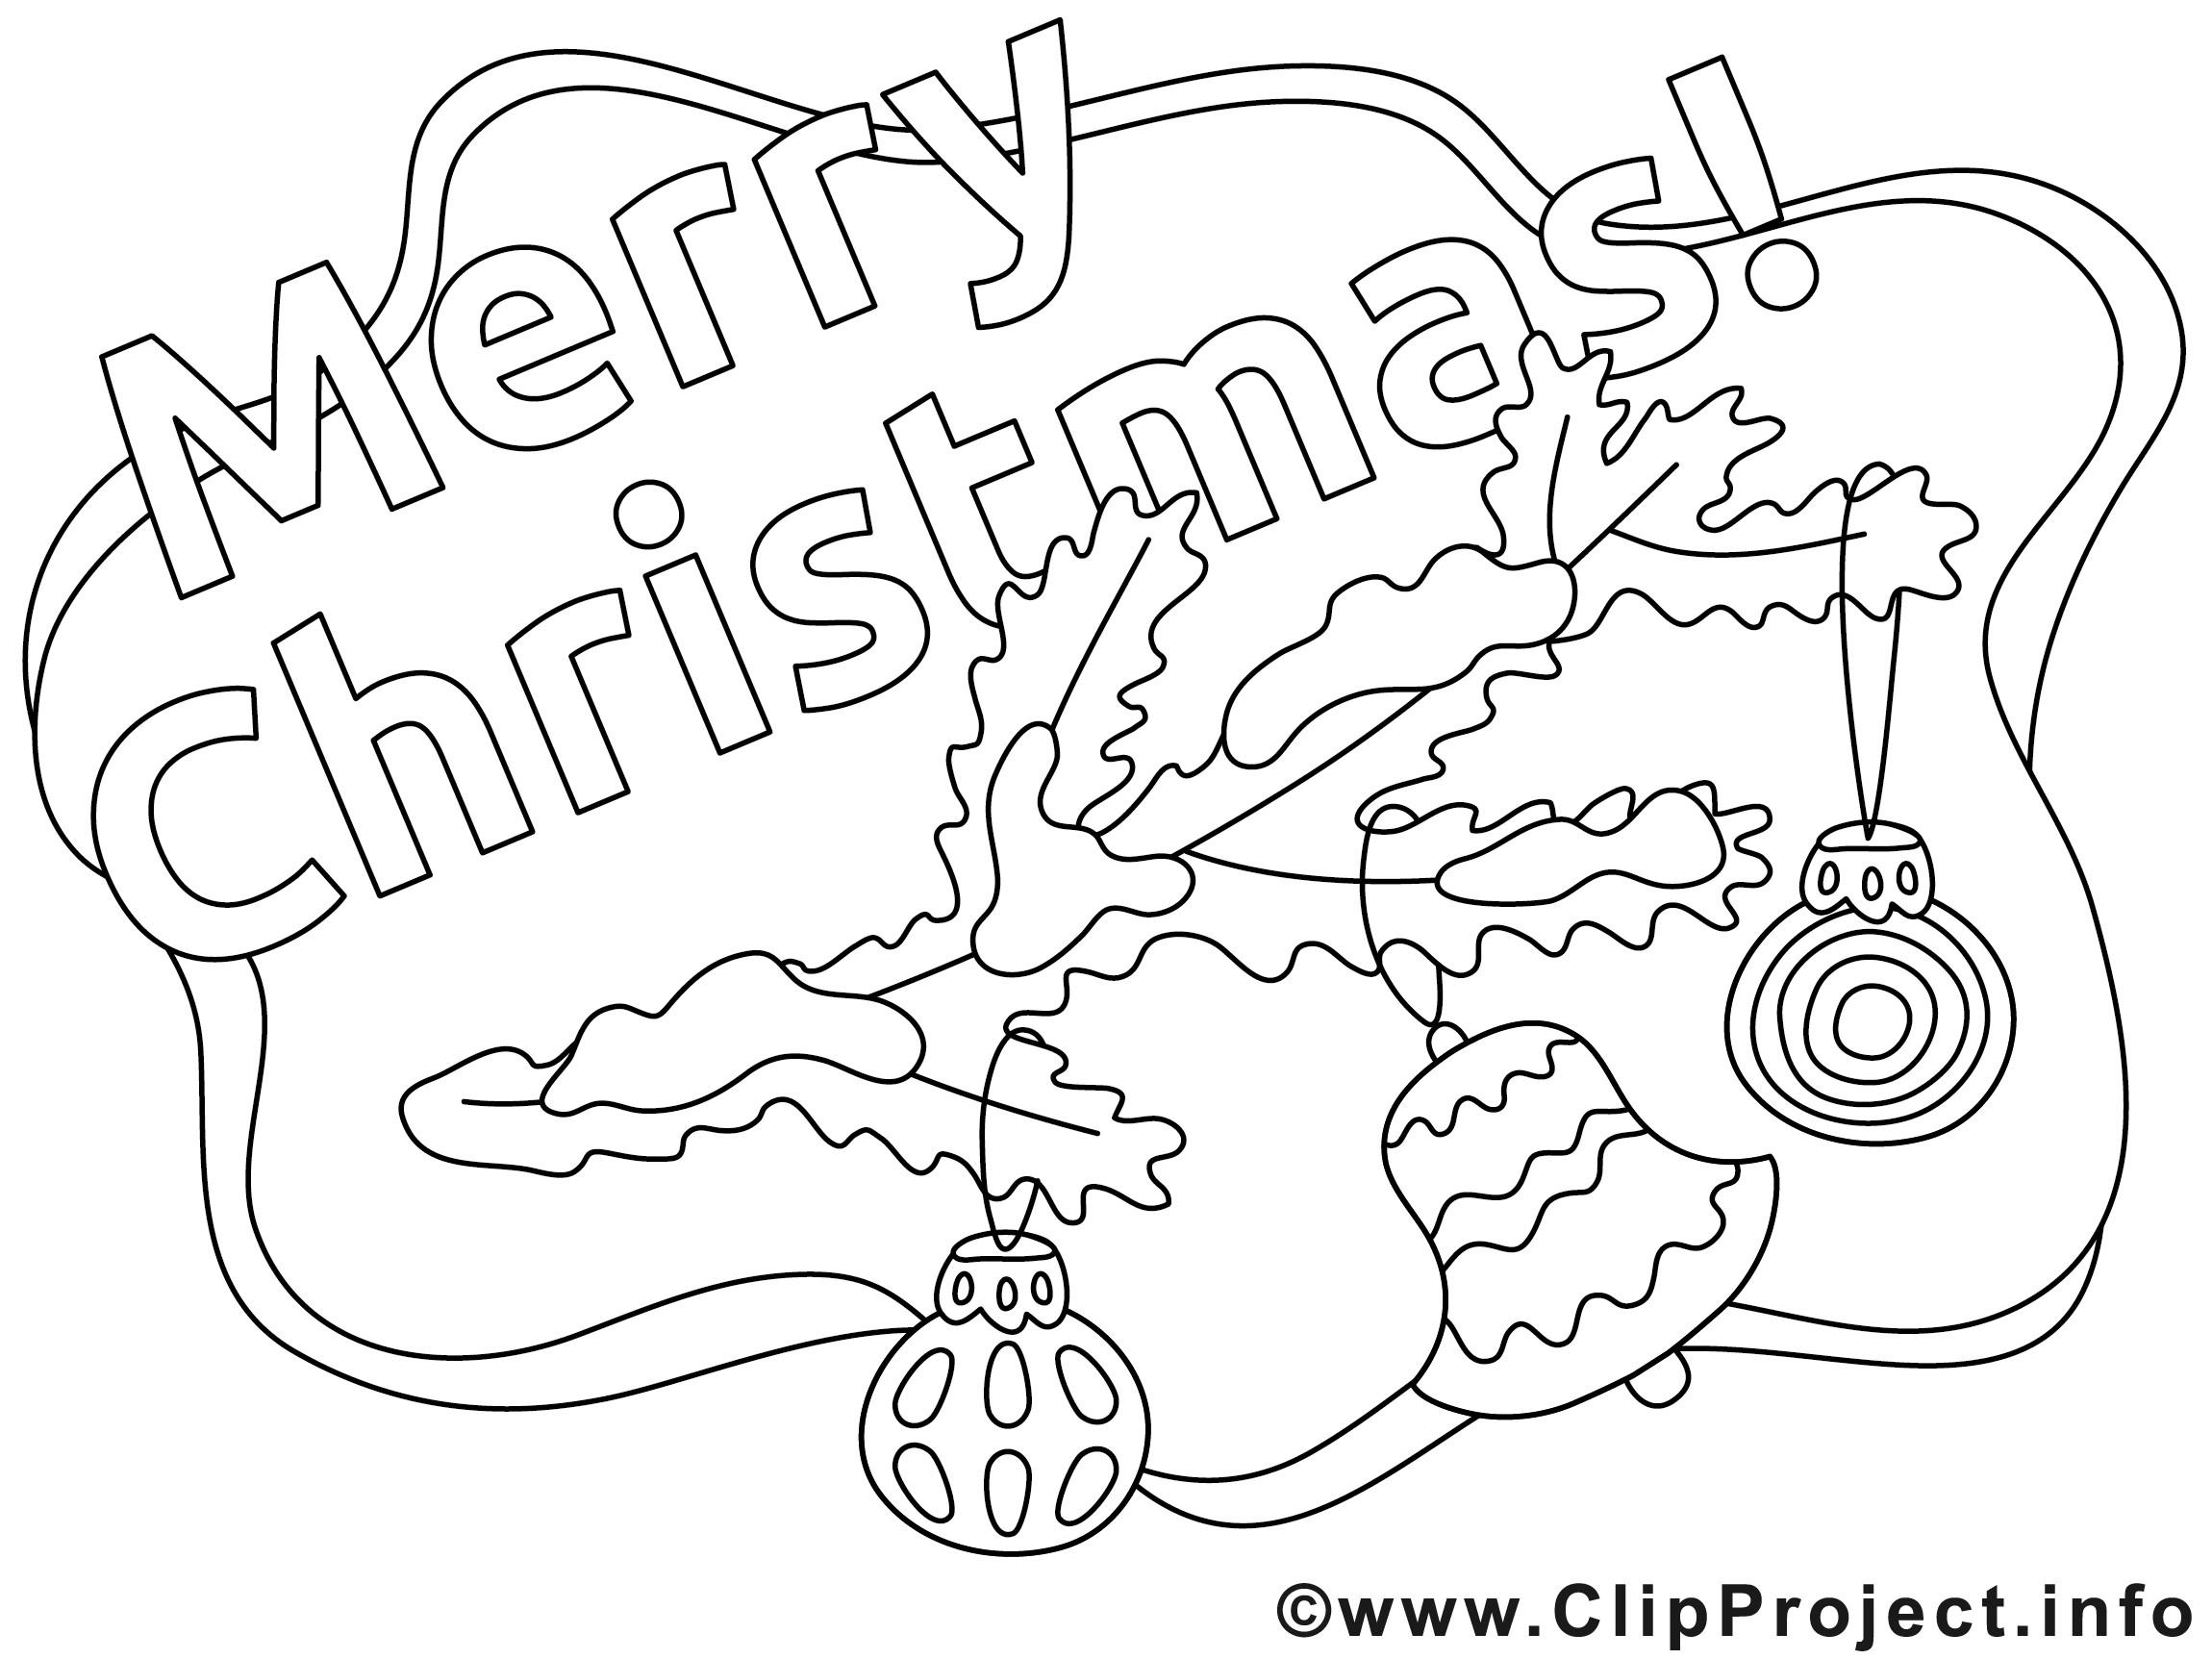 Malvorlagen Weihnachten Winter  Weihnachten Malvorlagen ausdrucken